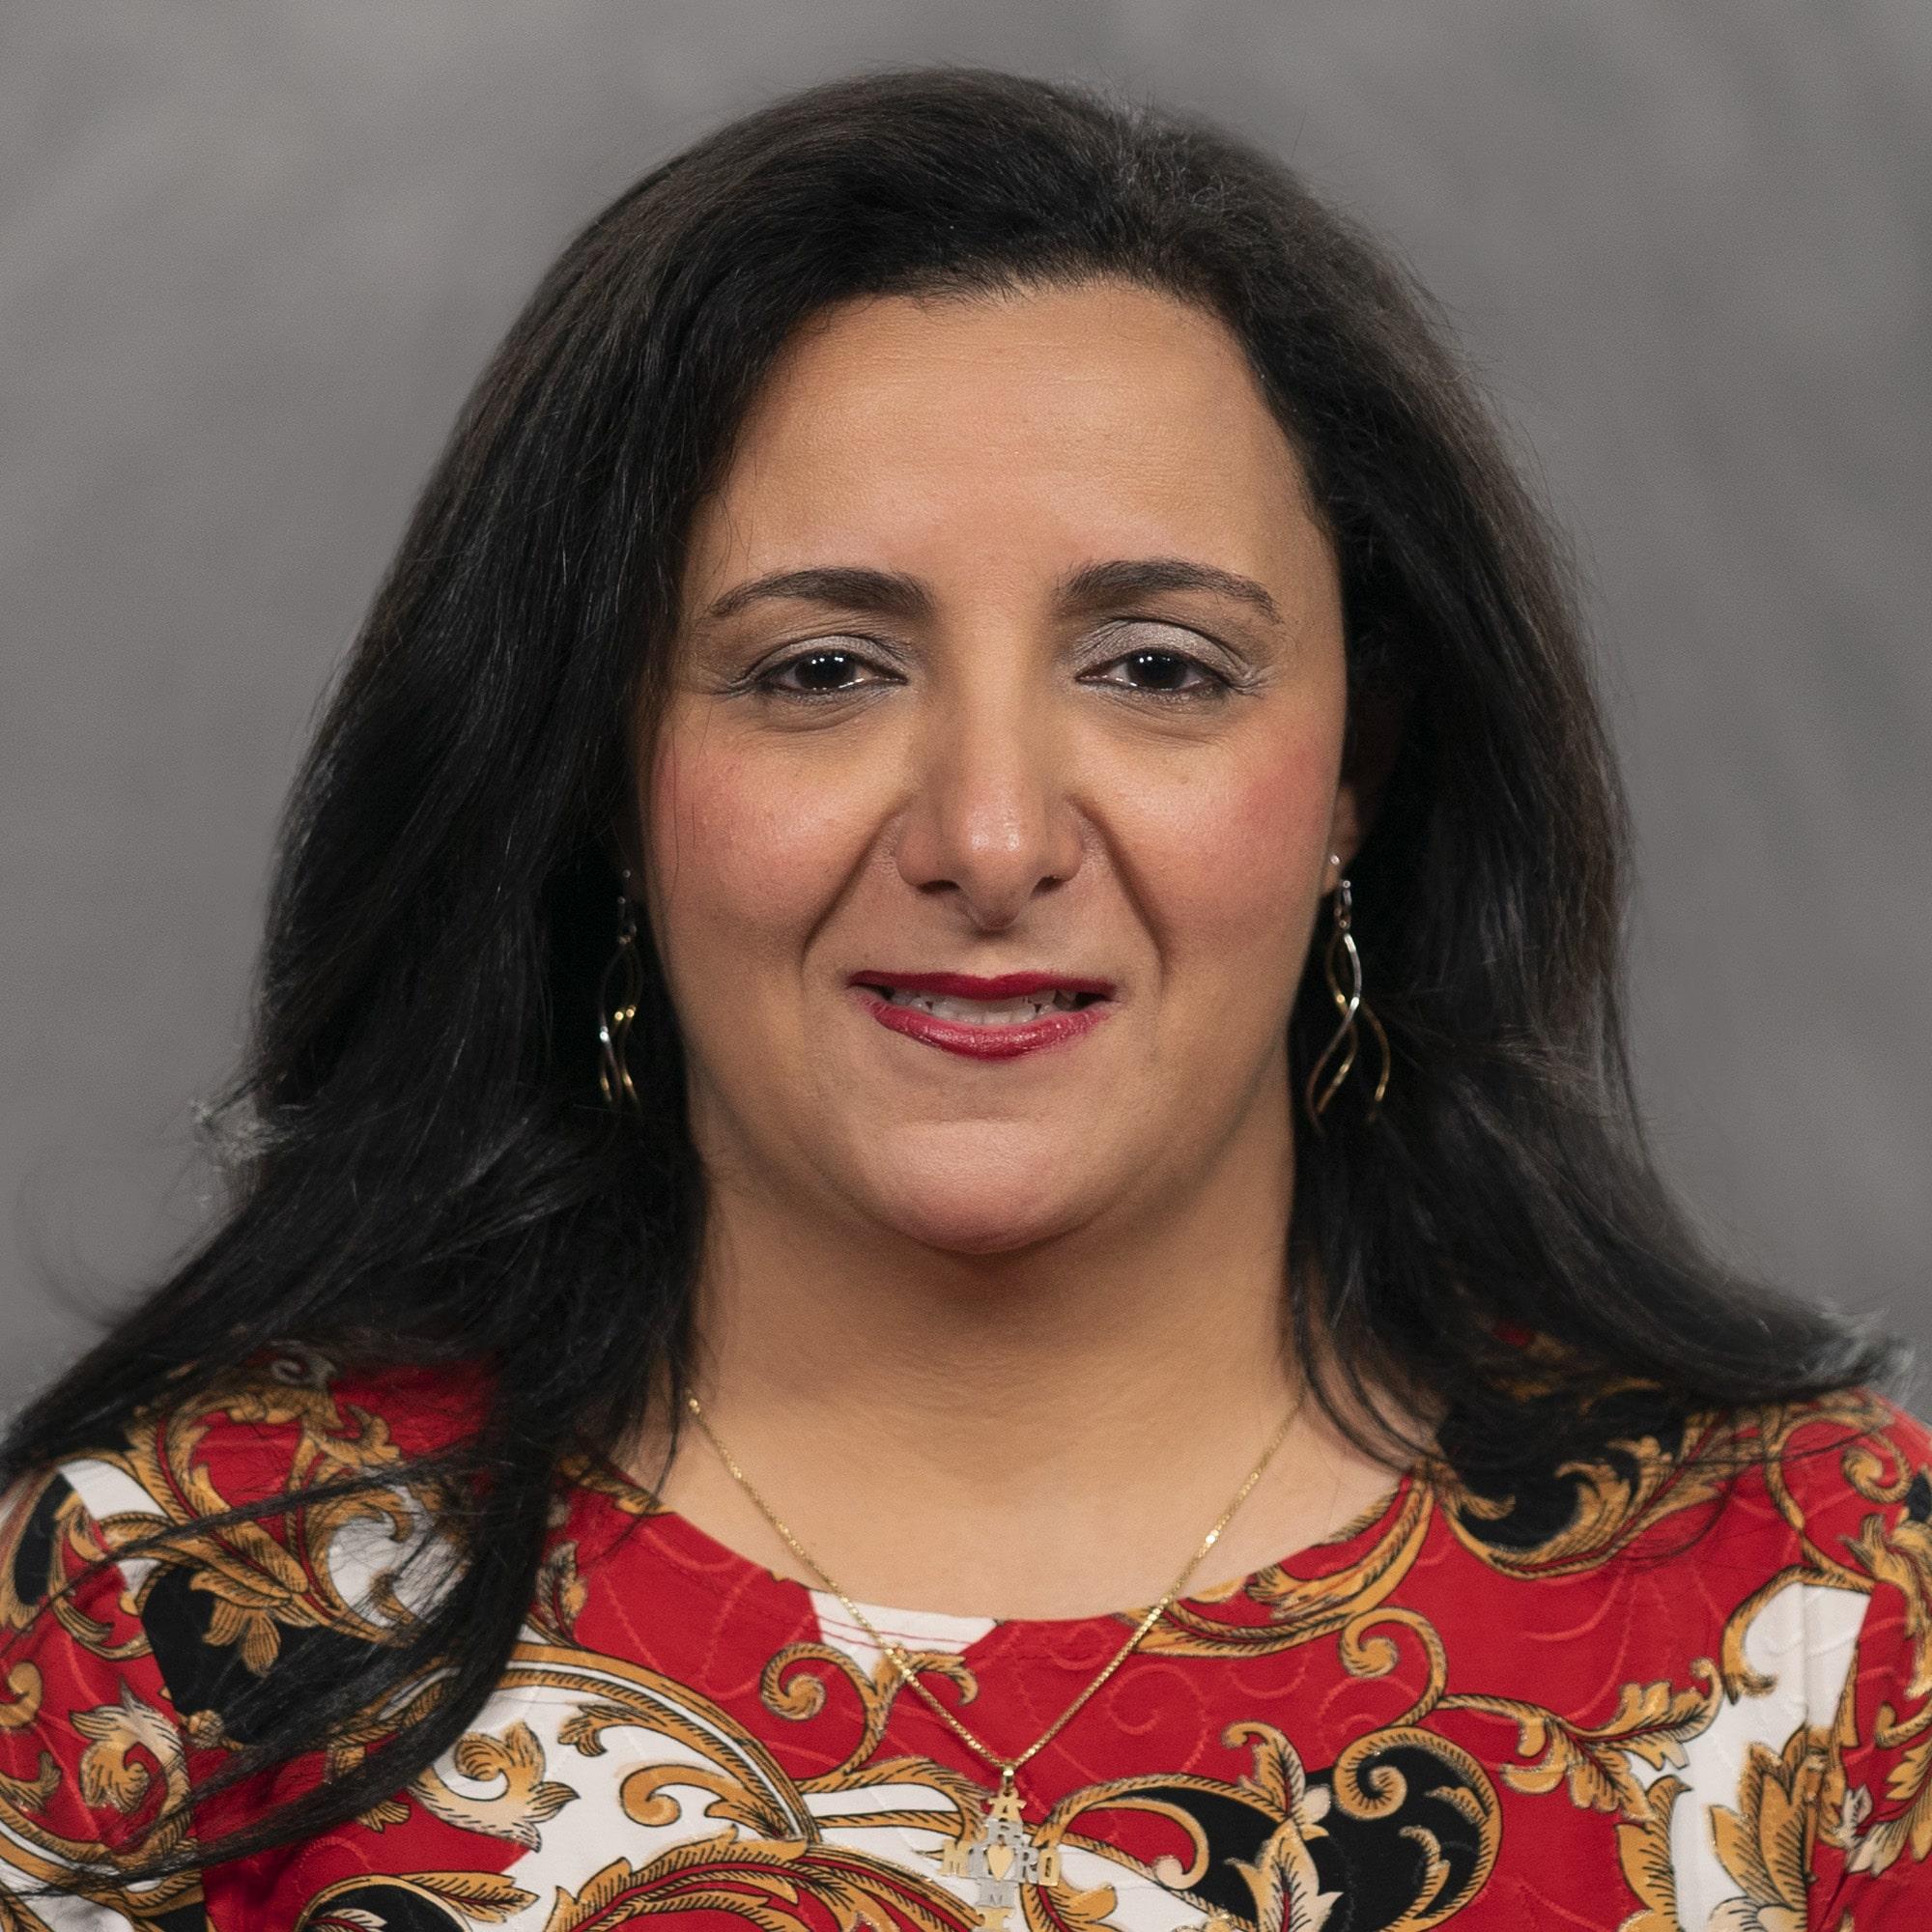 Meriana Messiha